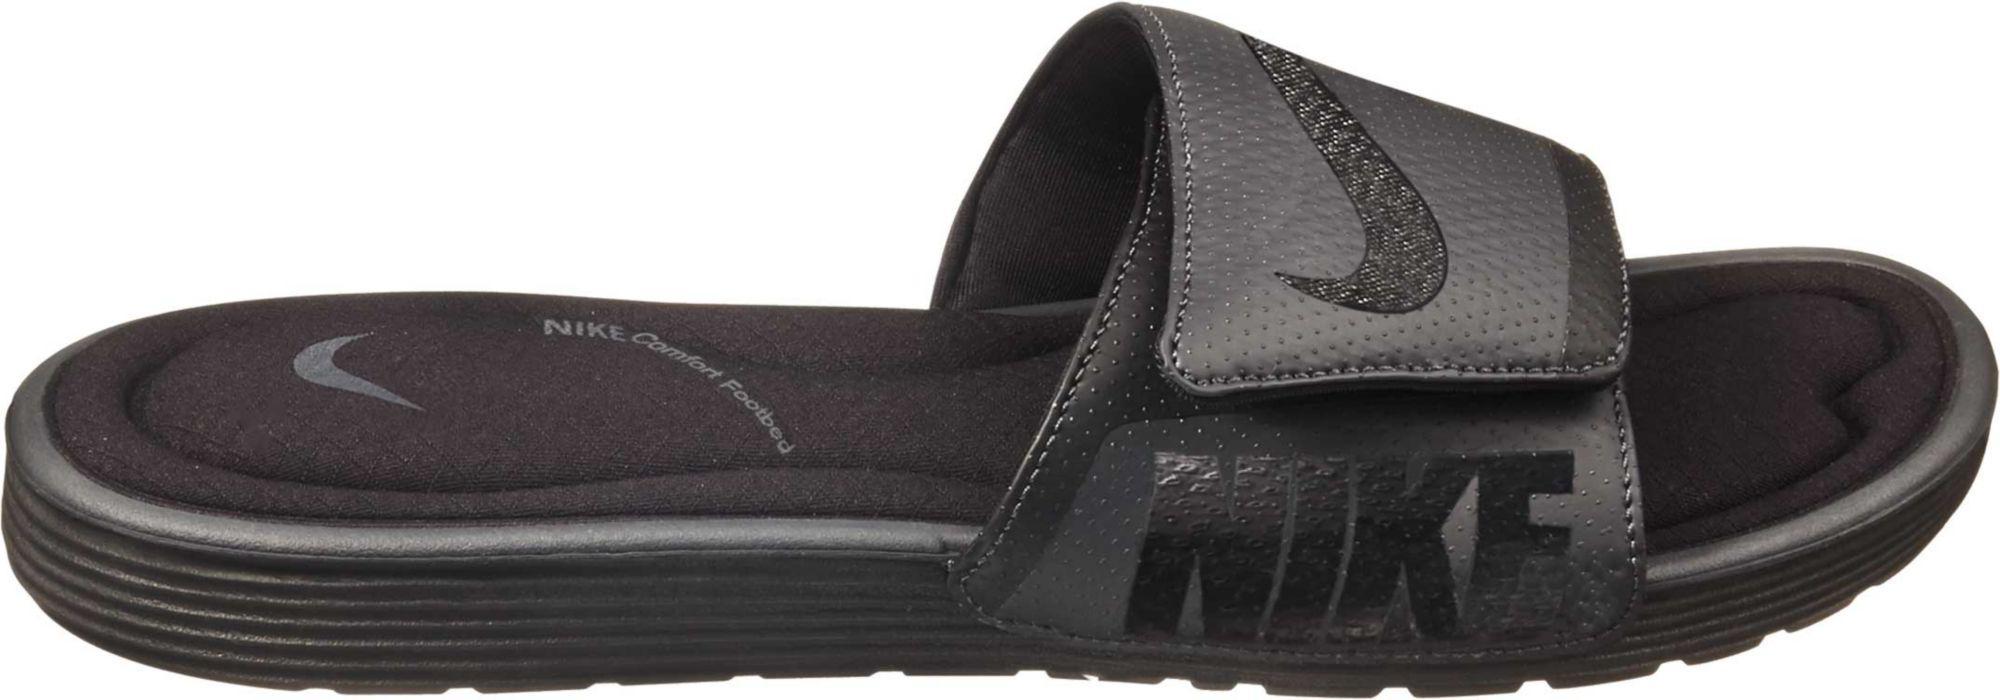 321f70cd4d07 Lyst - Nike Solarsoft Comfort Slides in Black for Men